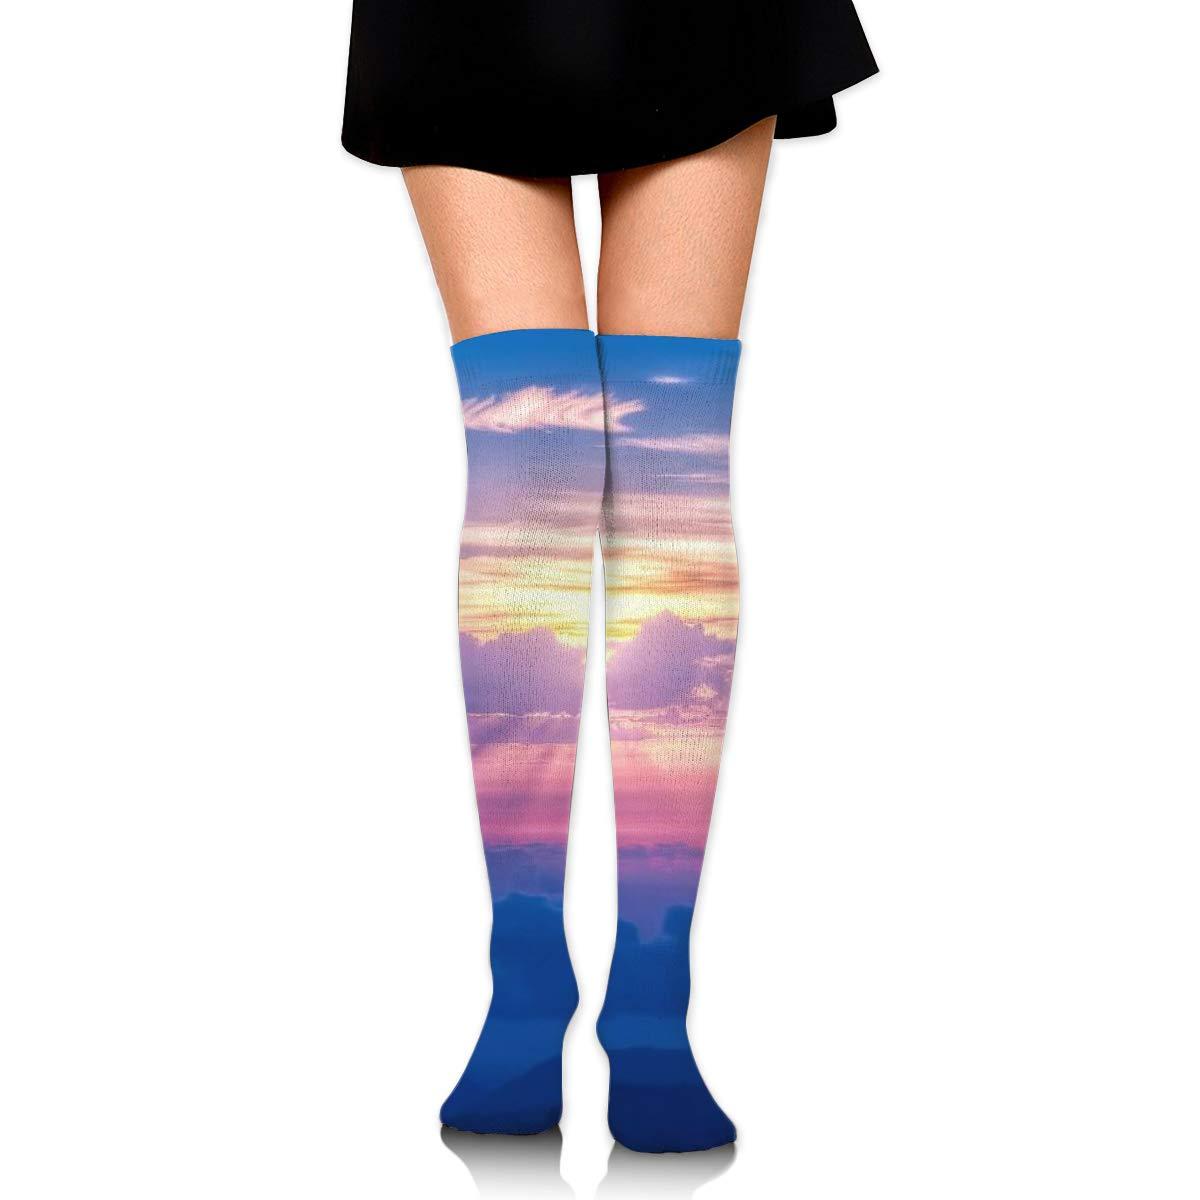 Kjaoi Girl Skirt Socks Uniform Morning Sun Light Sky Women Tube Socks Compression Socks